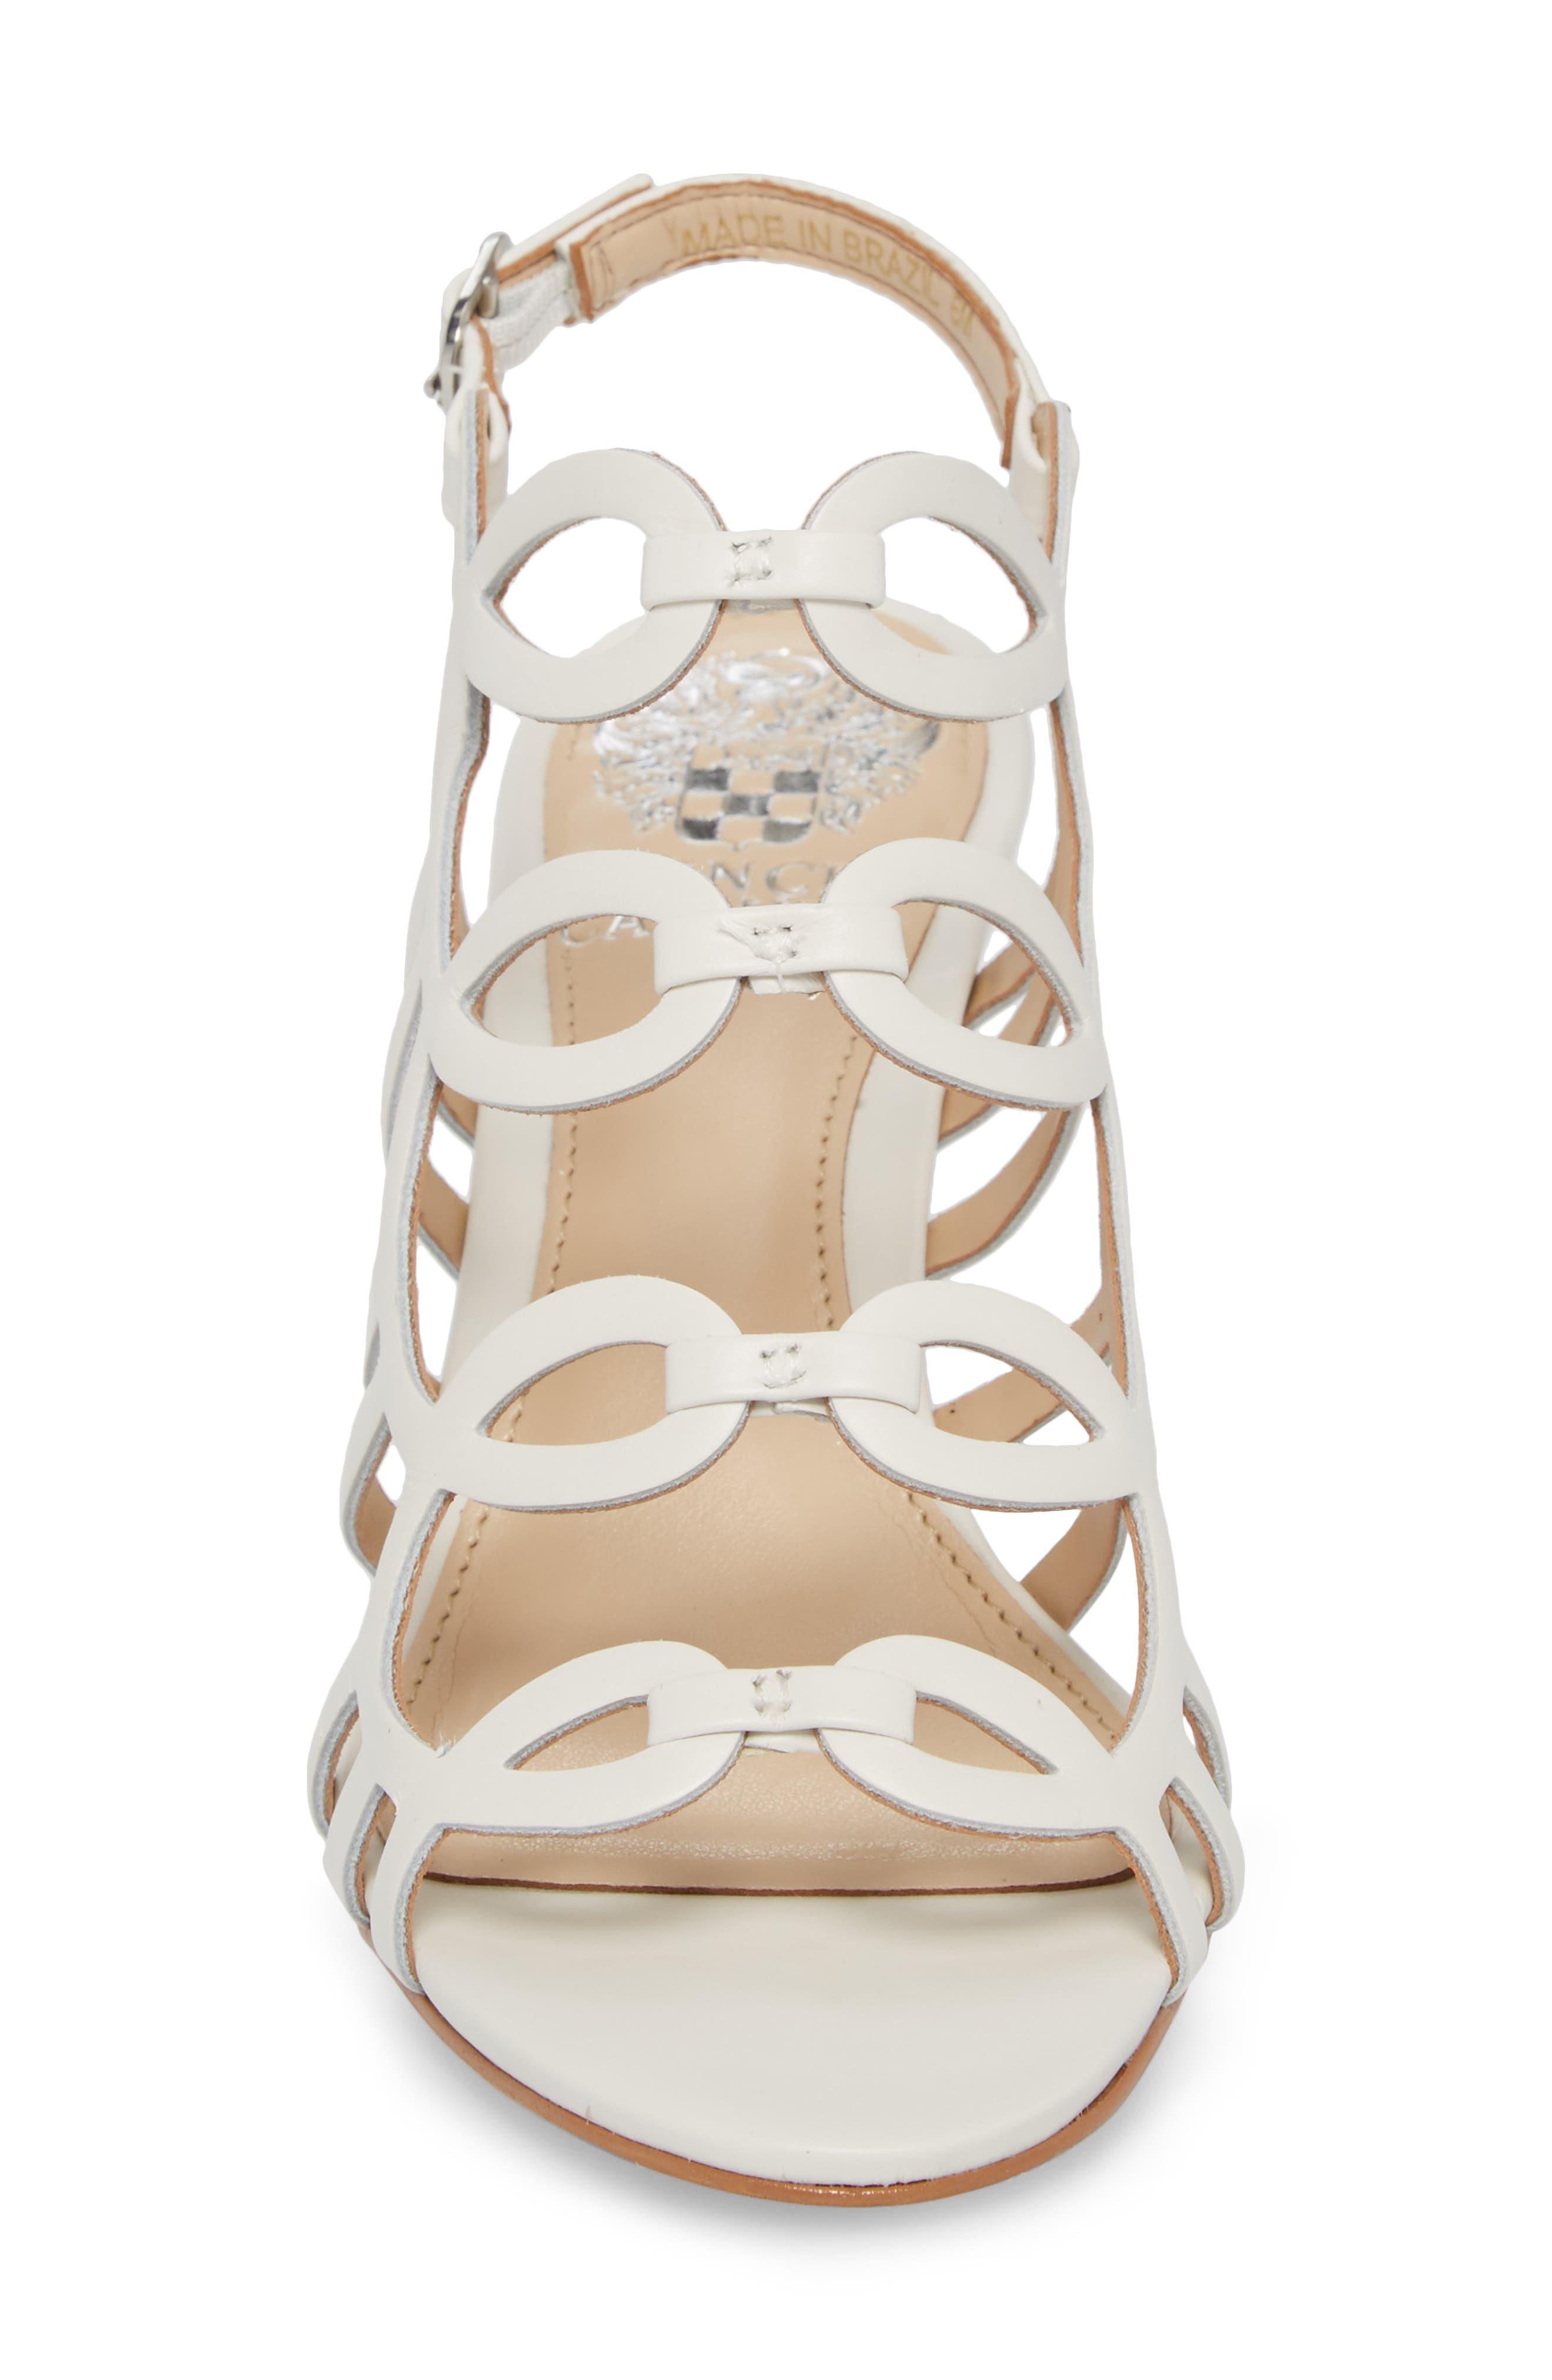 Petina Sandal,                             Alternate thumbnail 4, color,                             White Leather